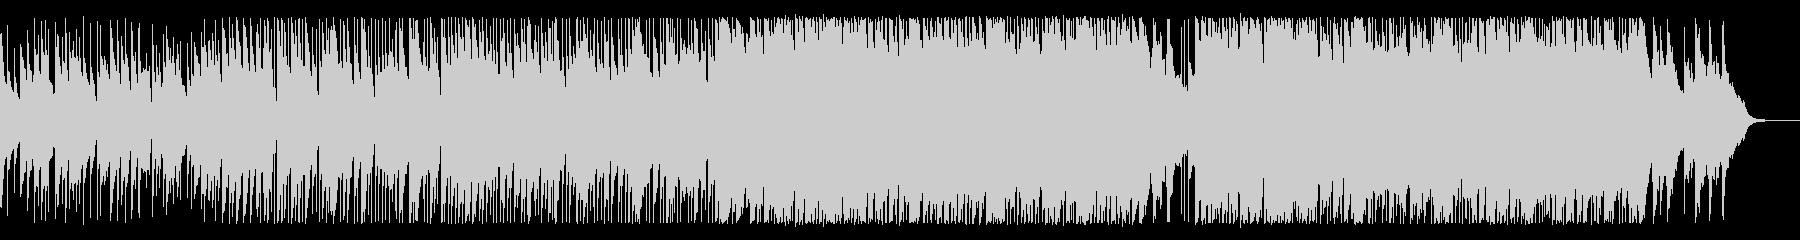 優しくて壮大なバラードインストの未再生の波形